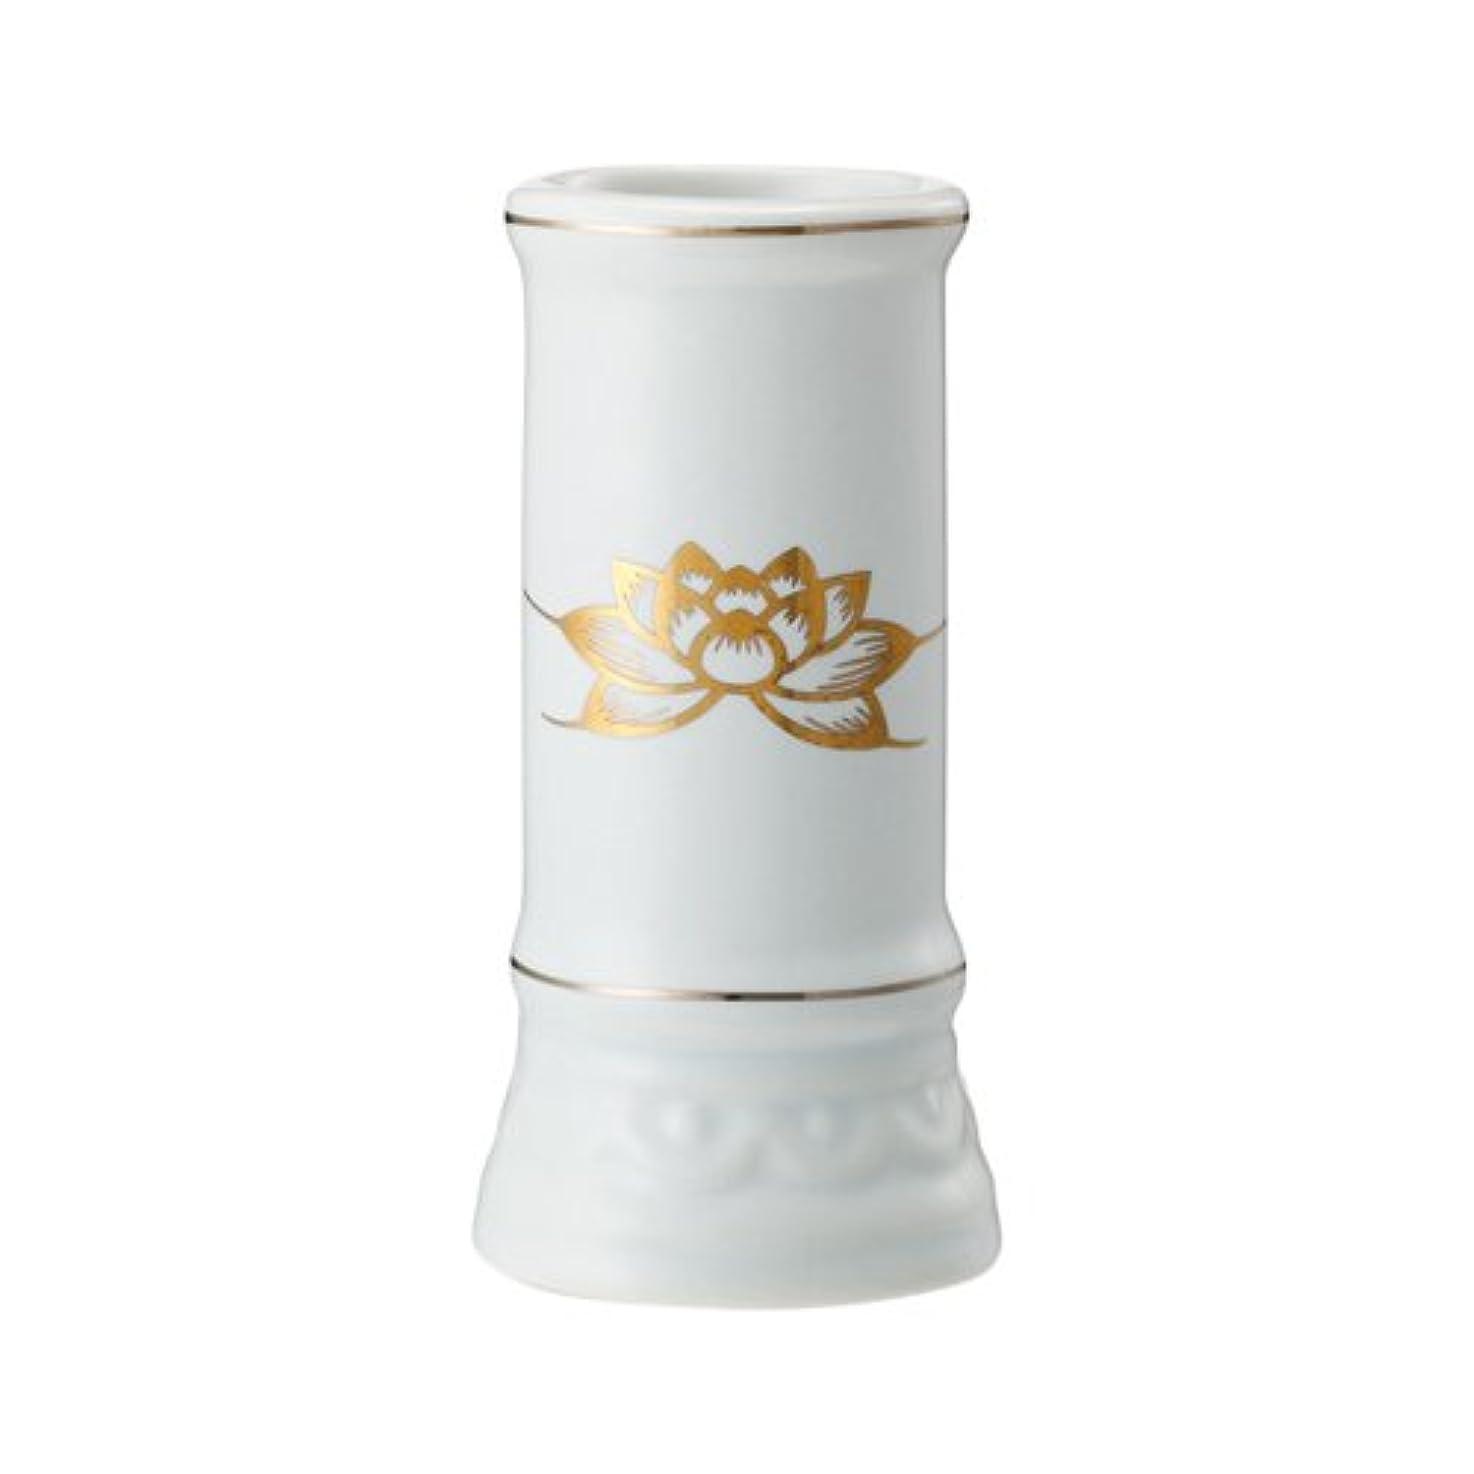 ミキサーサイト寄生虫日本香堂 線香立て ミニ陶器白磁